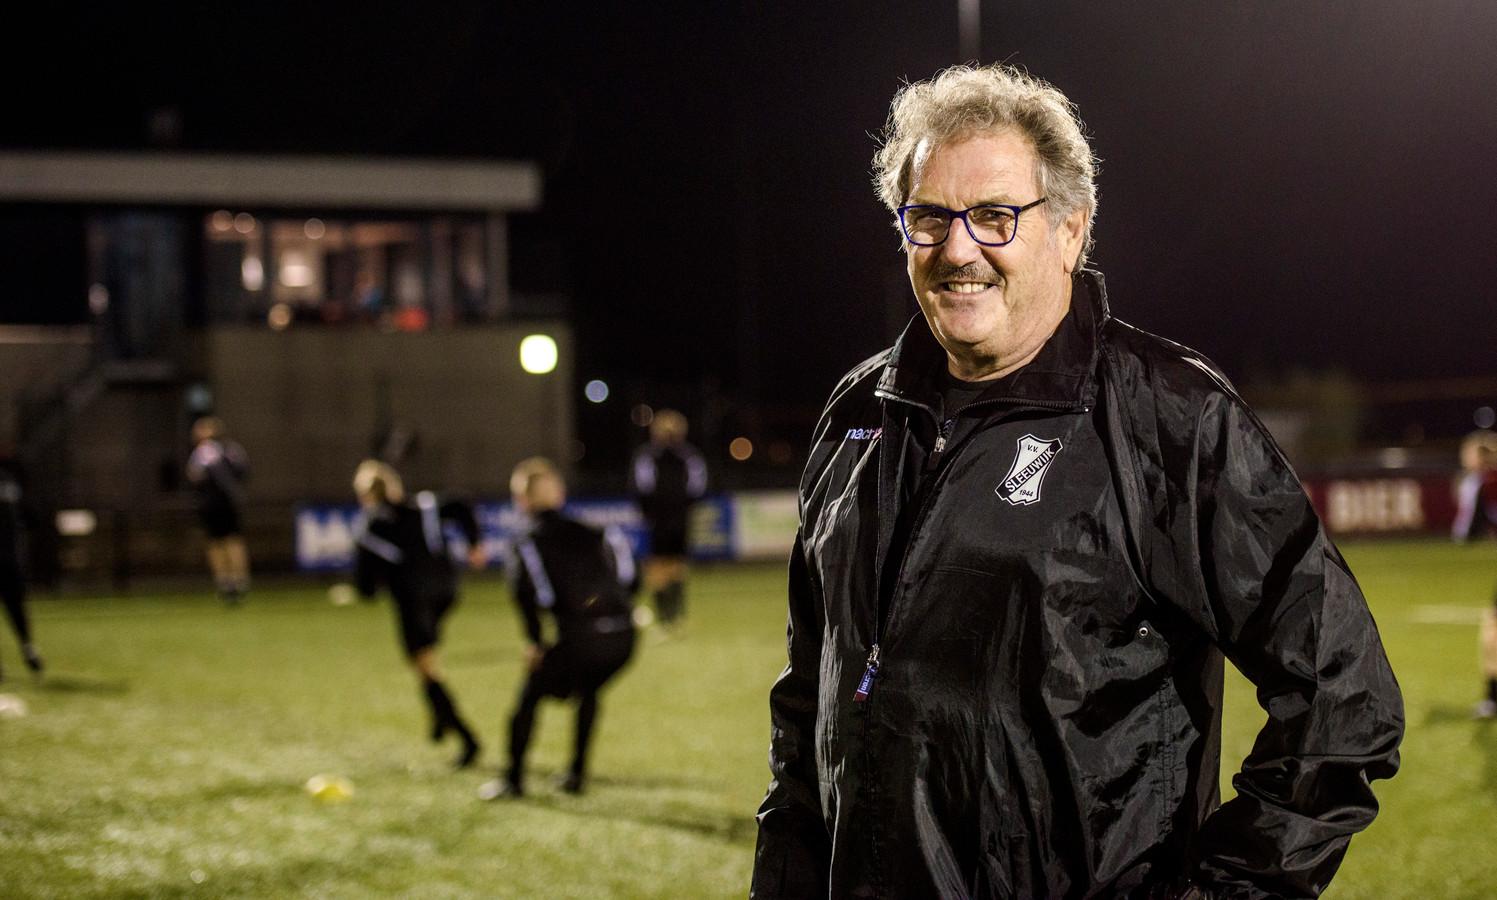 Pieter Tuns is een bekende trainer in het amateurvoetbal.